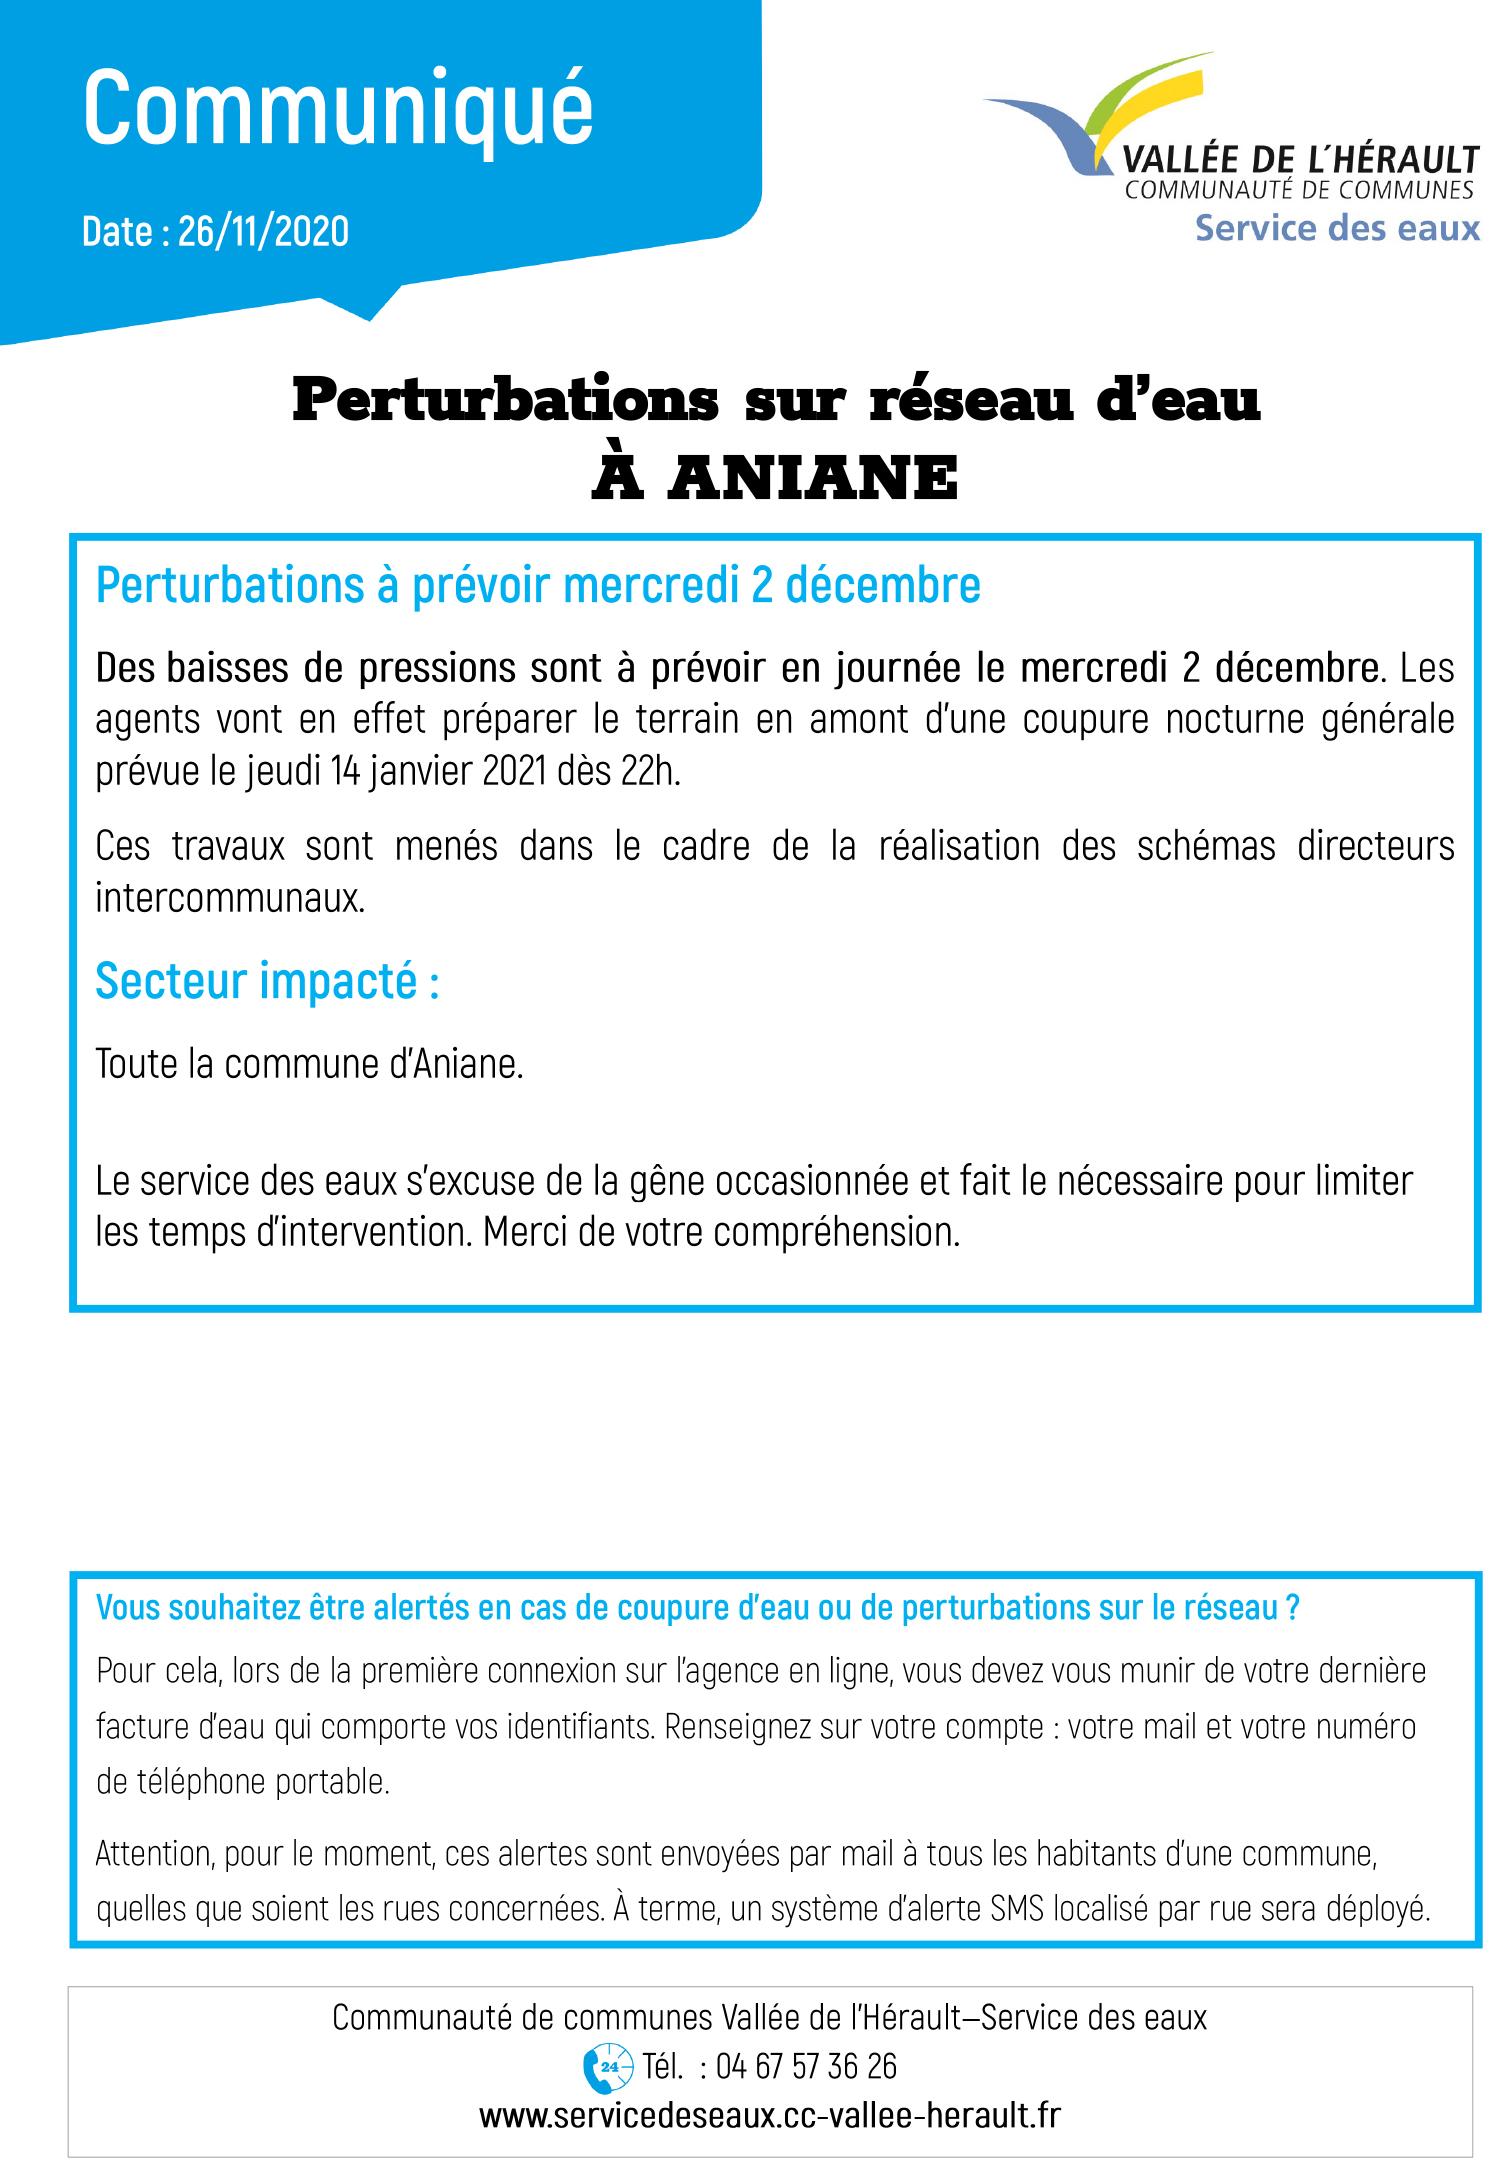 Communiqué Perturbations réseau Aniane 02 12 20